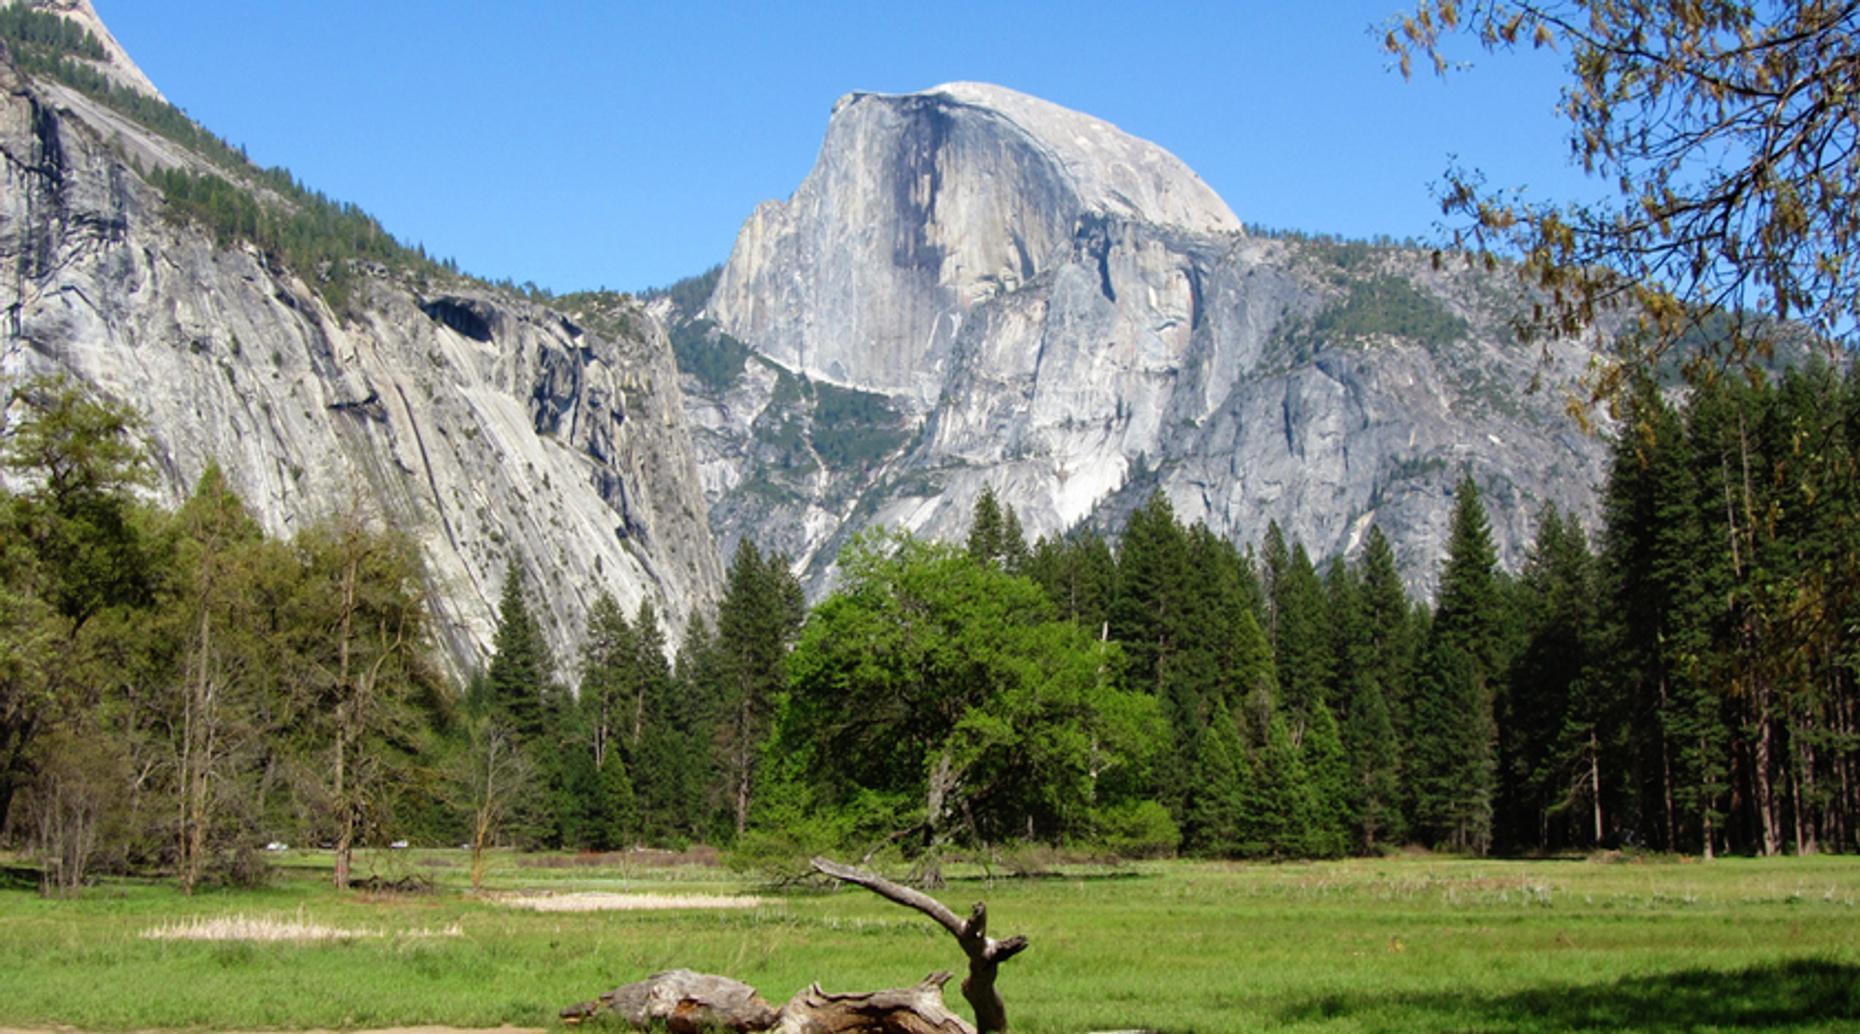 Fresno to Yosemite Private Shuttle Service